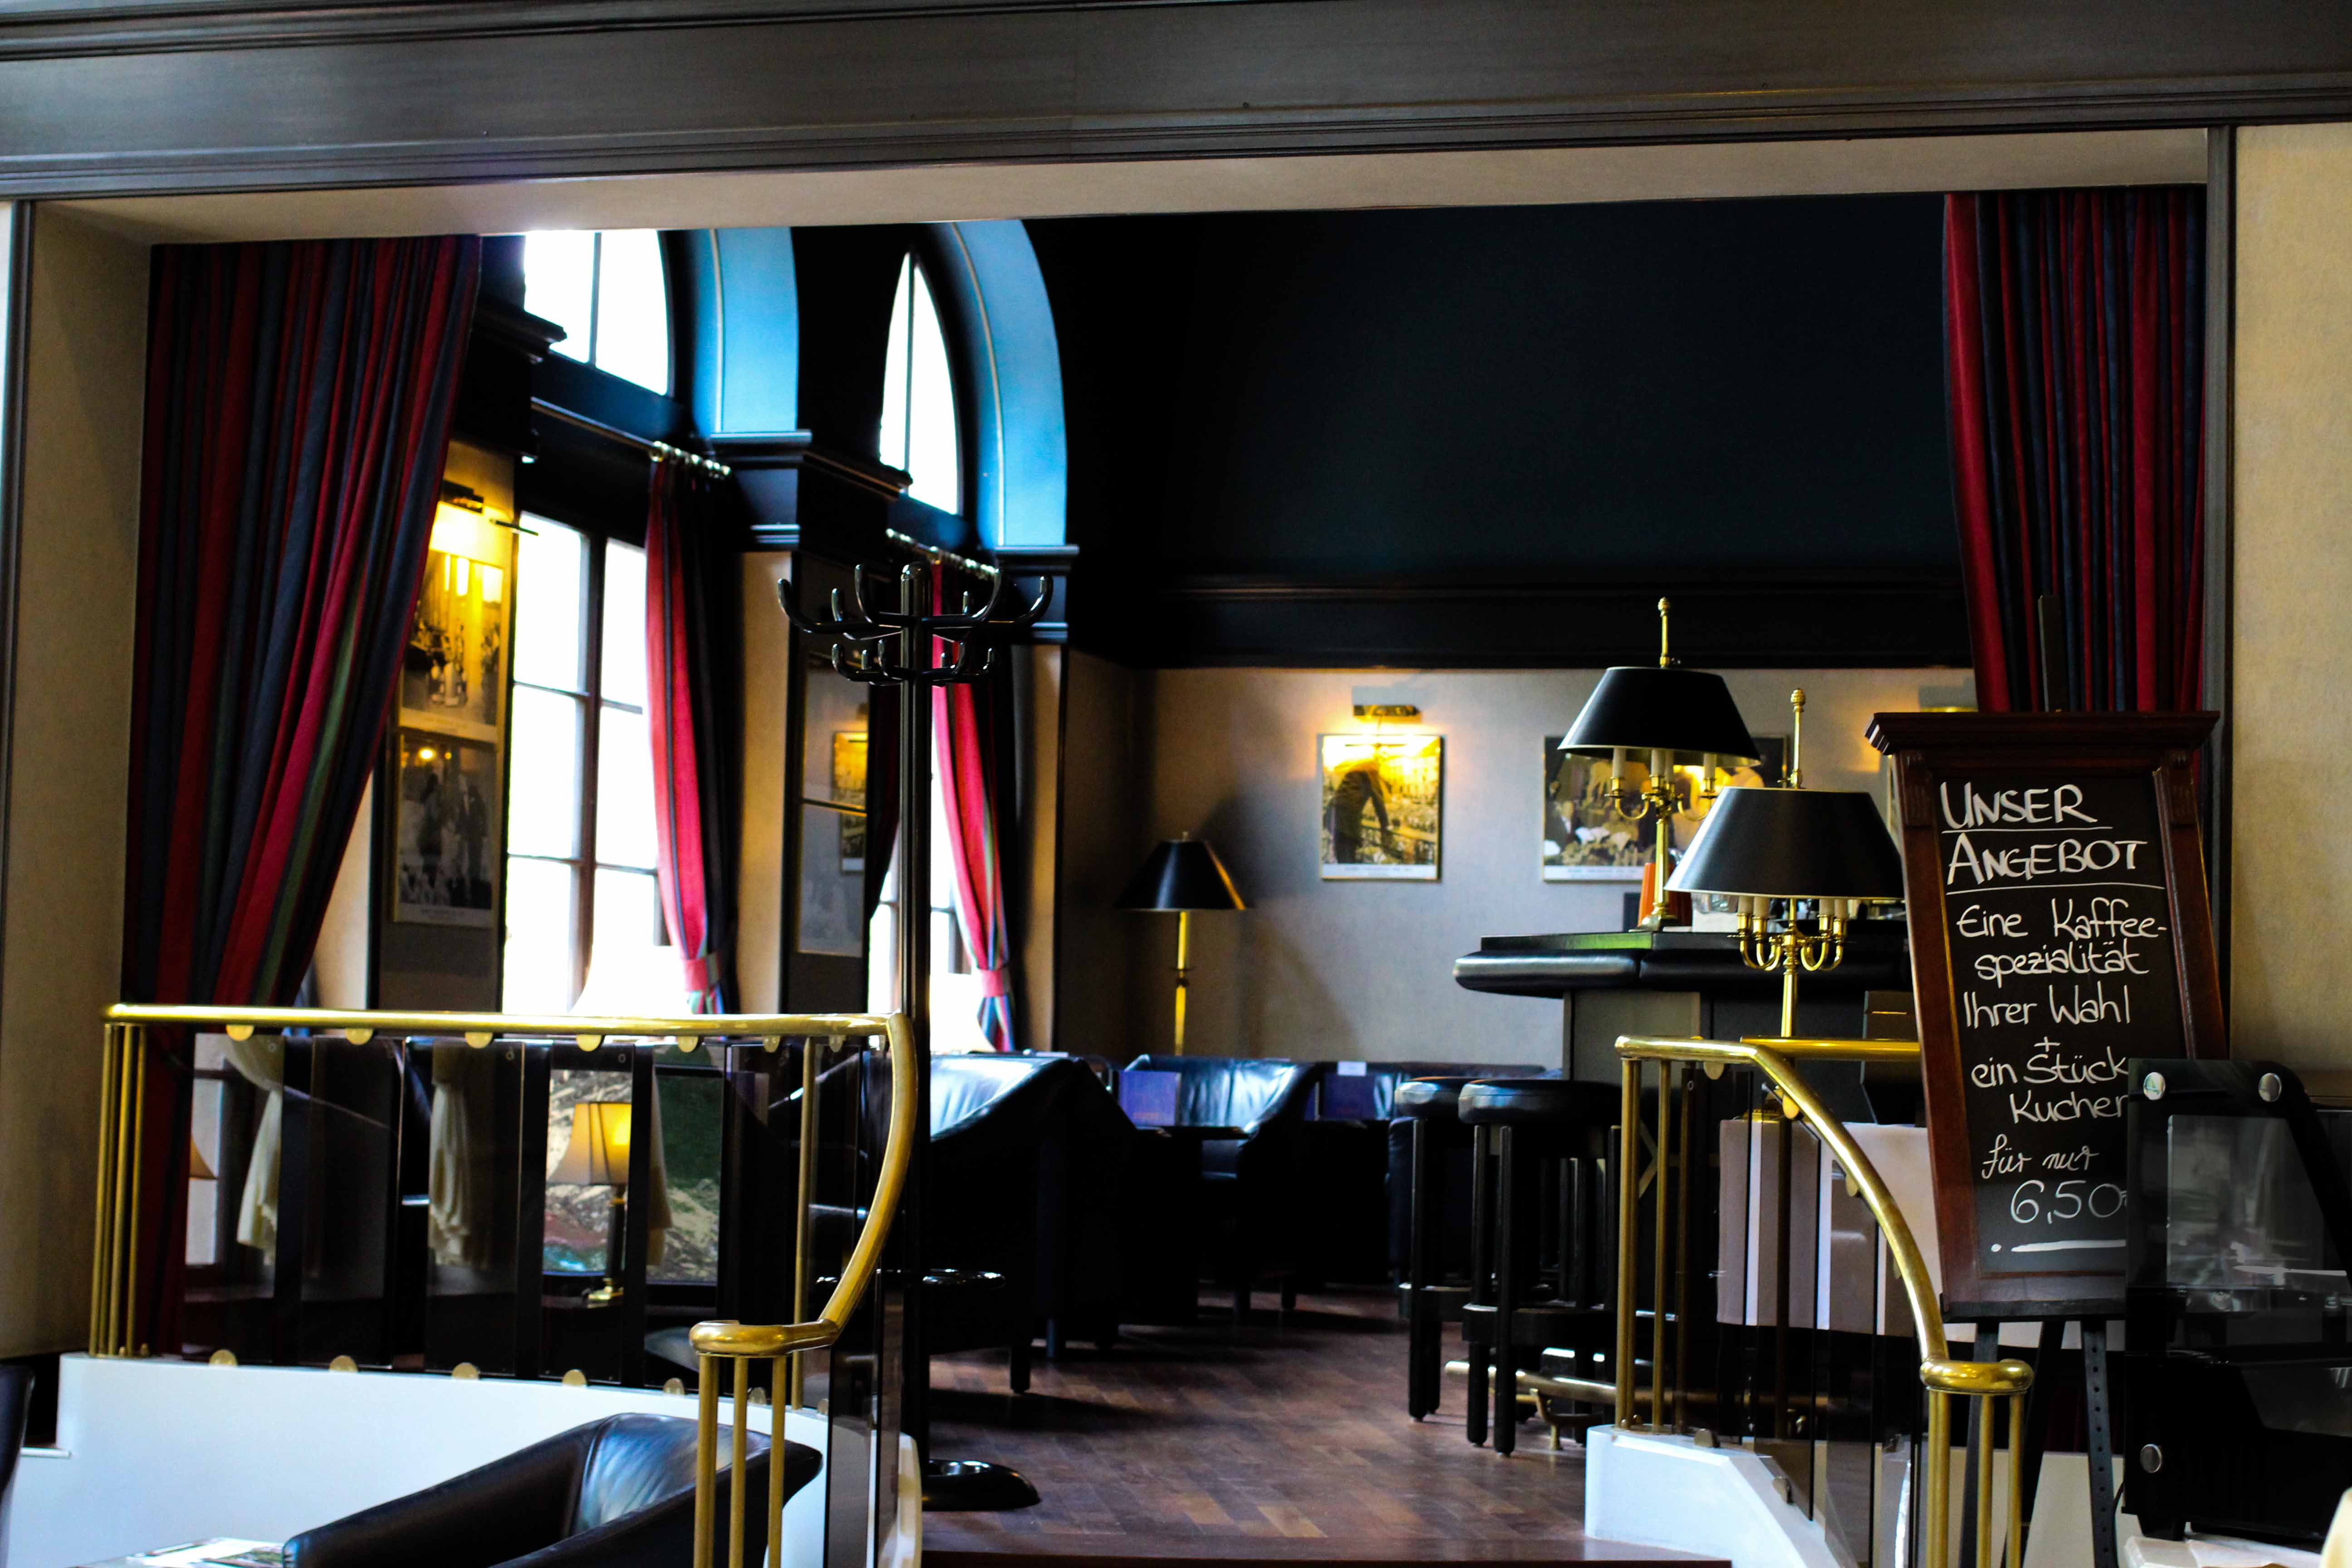 Schlosshotel Karlsruhe Bar Lounge Luxushotel Hotel Review Reiseblog Brinisfashionbook